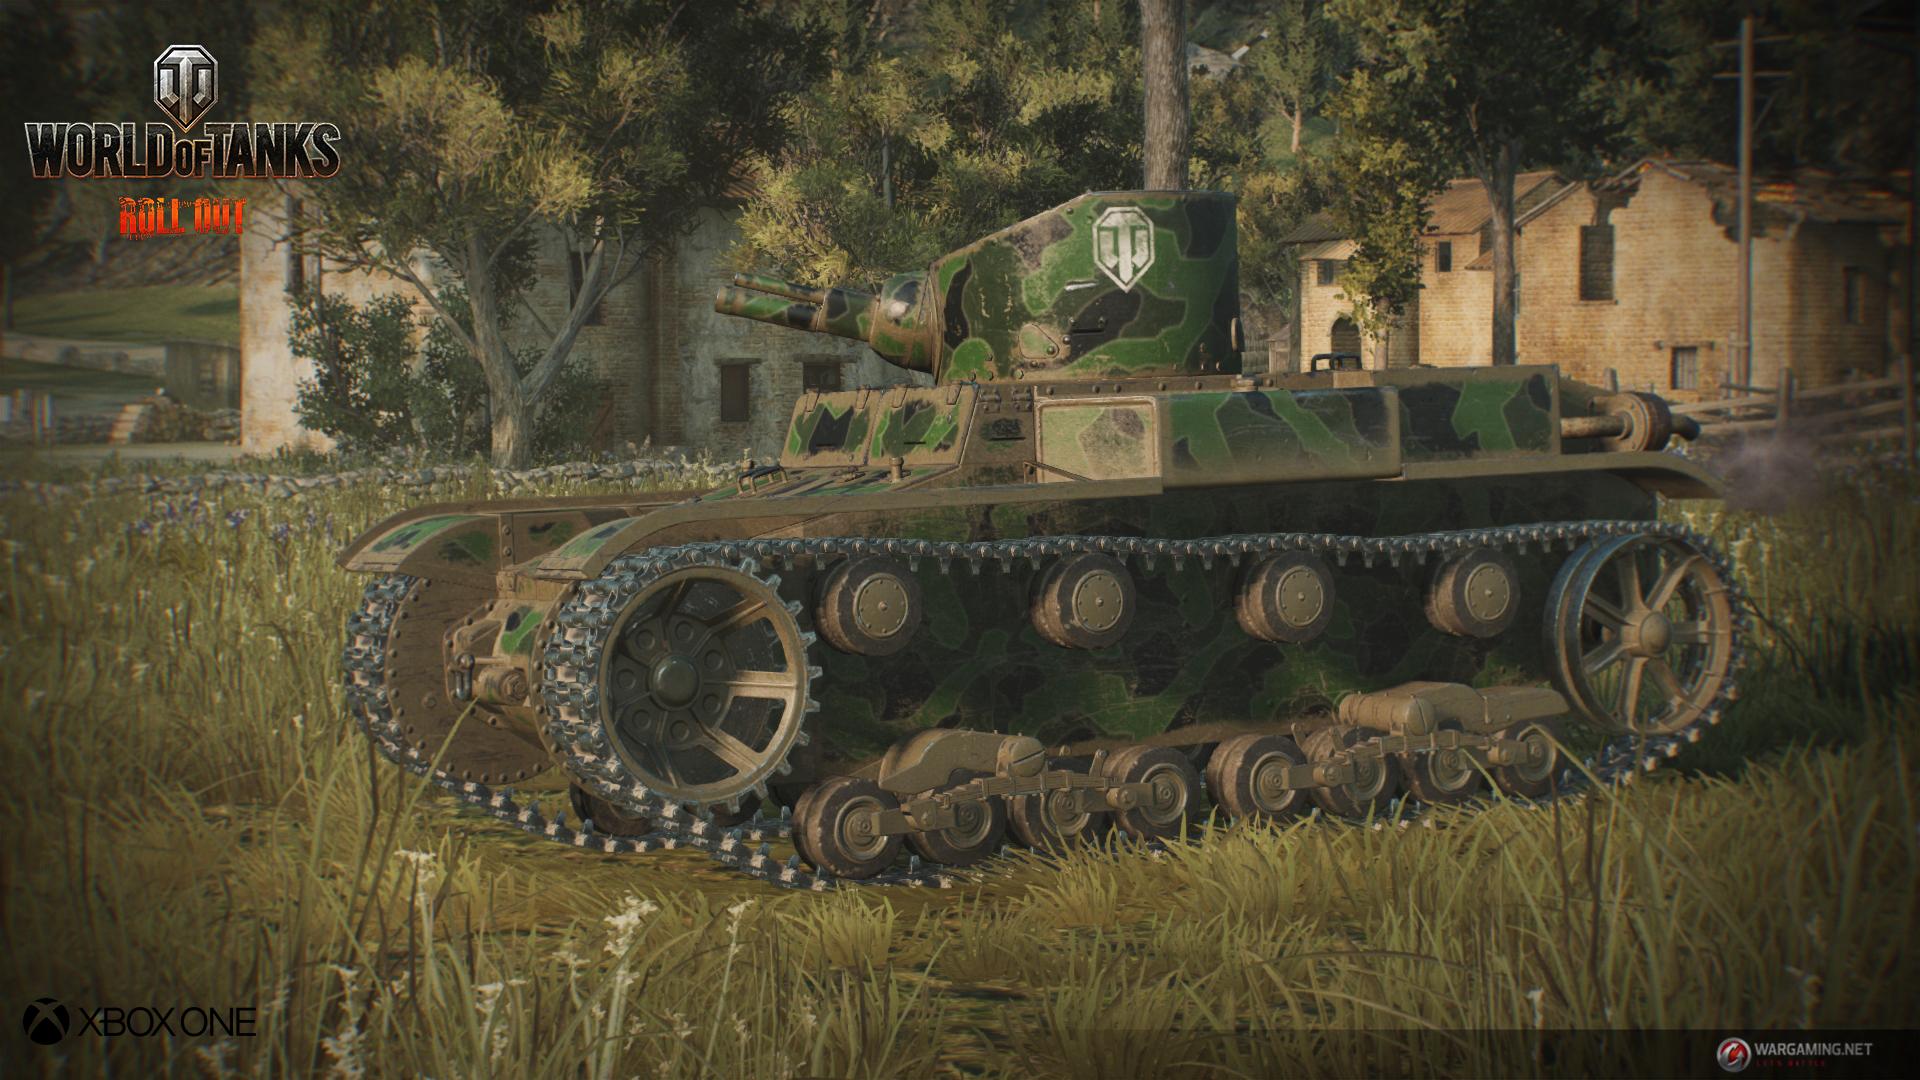 World of Tanks: Sind Nerds die besseren Soldaten?